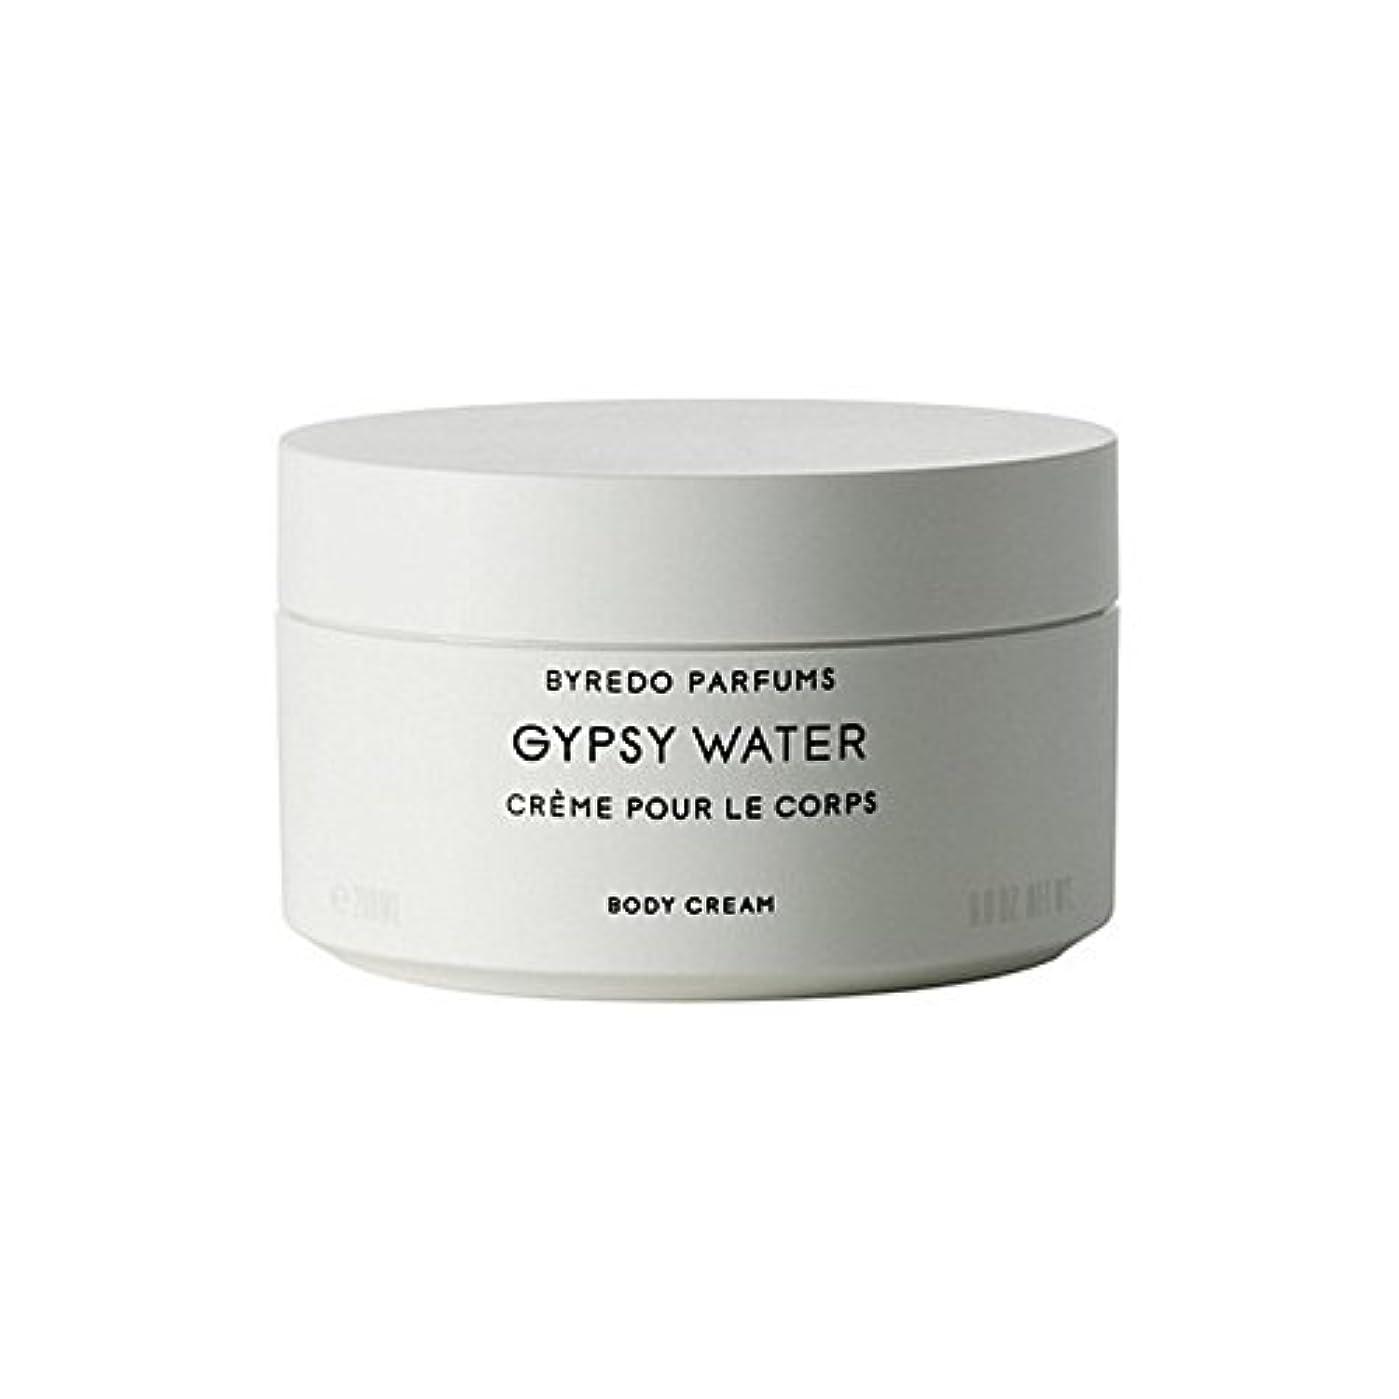 続編南東切り離すジプシー水ボディクリーム200ミリリットル x4 - Byredo Gypsy Water Body Cream 200ml (Pack of 4) [並行輸入品]